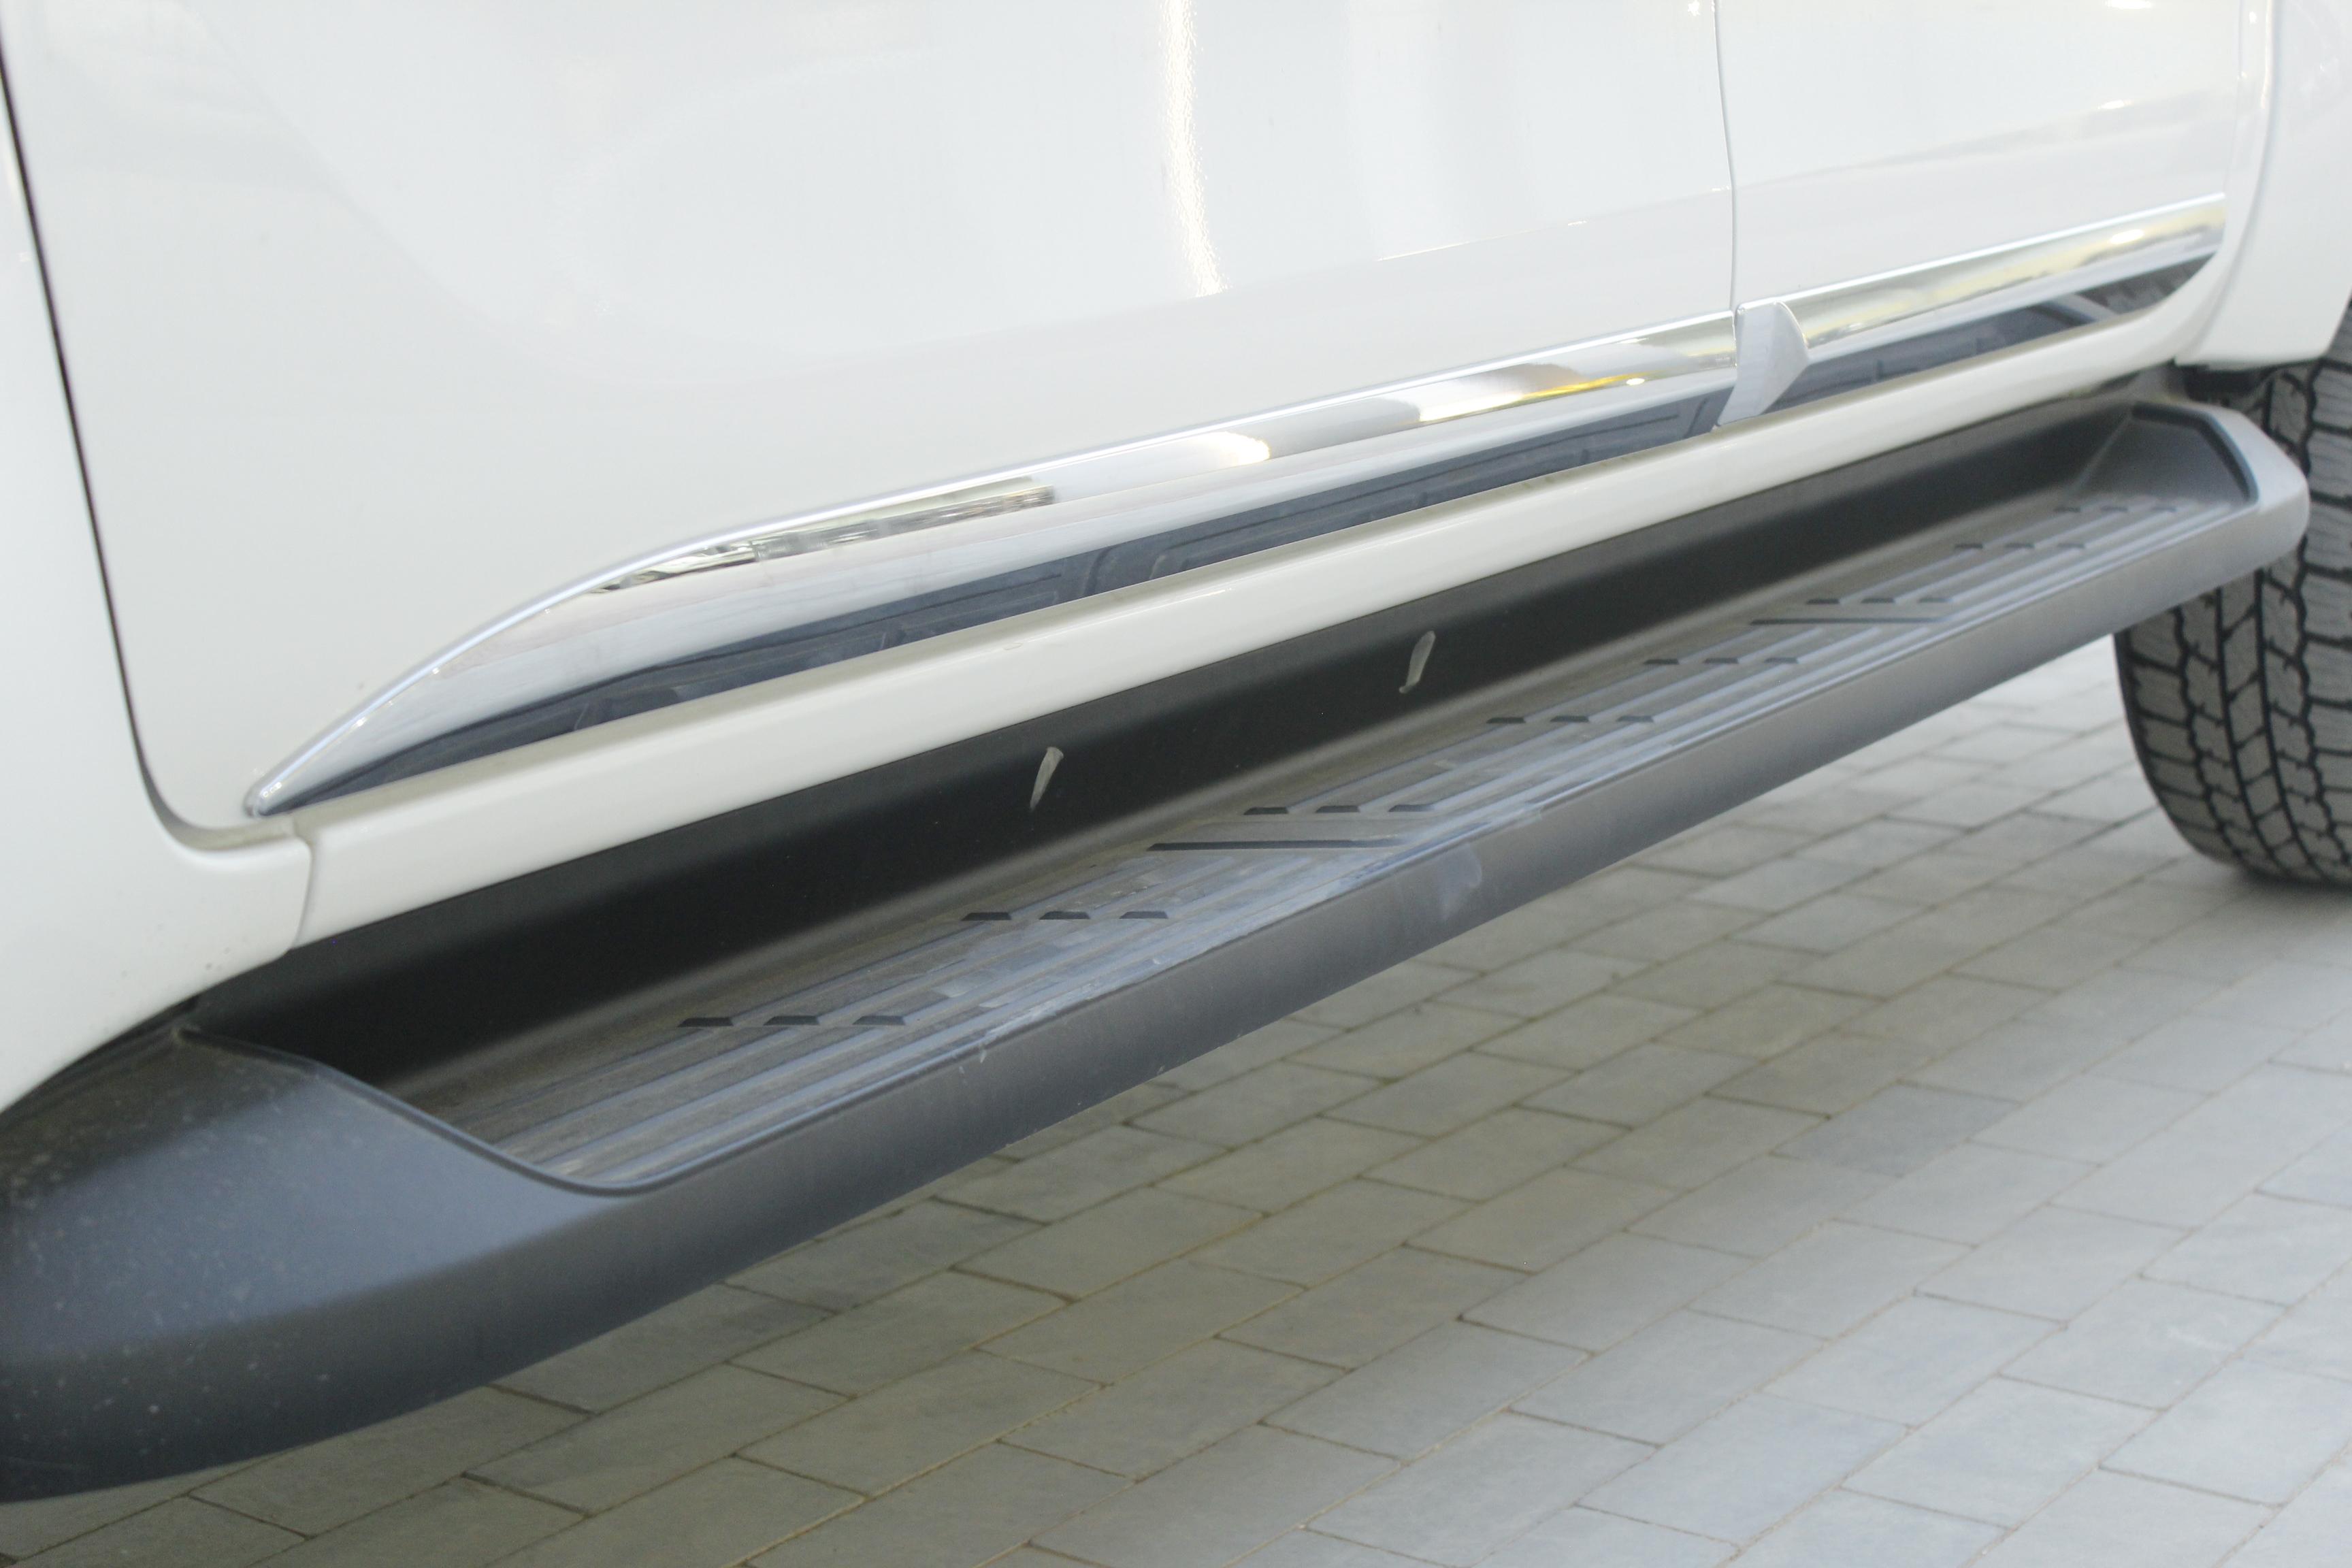 مباع - تويوتا  هايلكس  S-GLX  2021 فل كامل ديزل محرك 2800 سي سي  للبيع في الرياض - السعودية - صورة كبيرة - 11